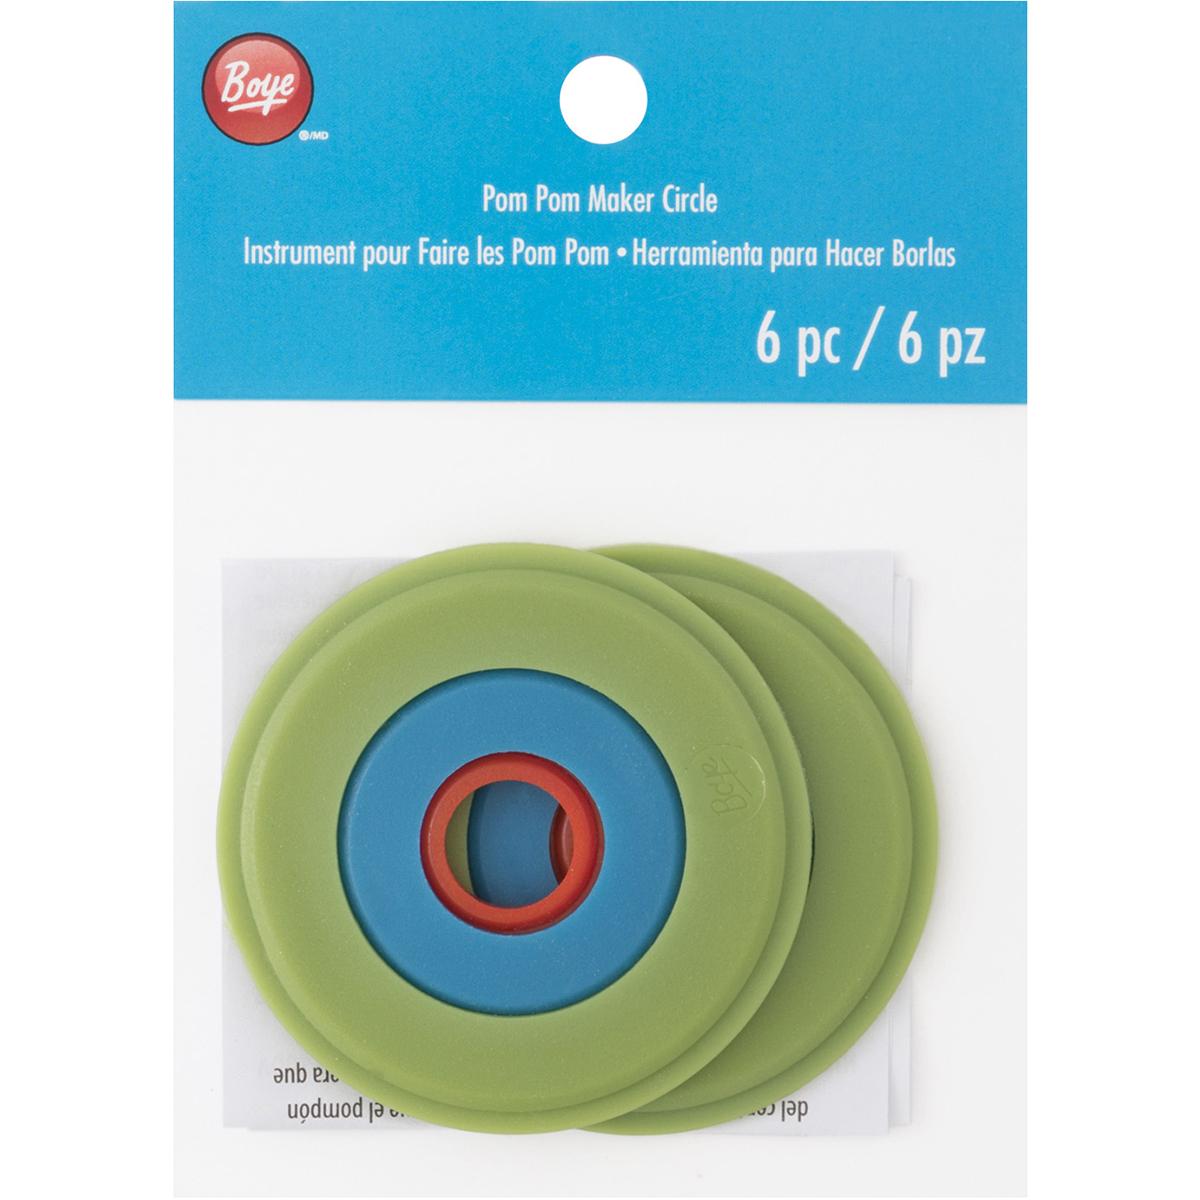 Boye Pom Pom Maker Circle